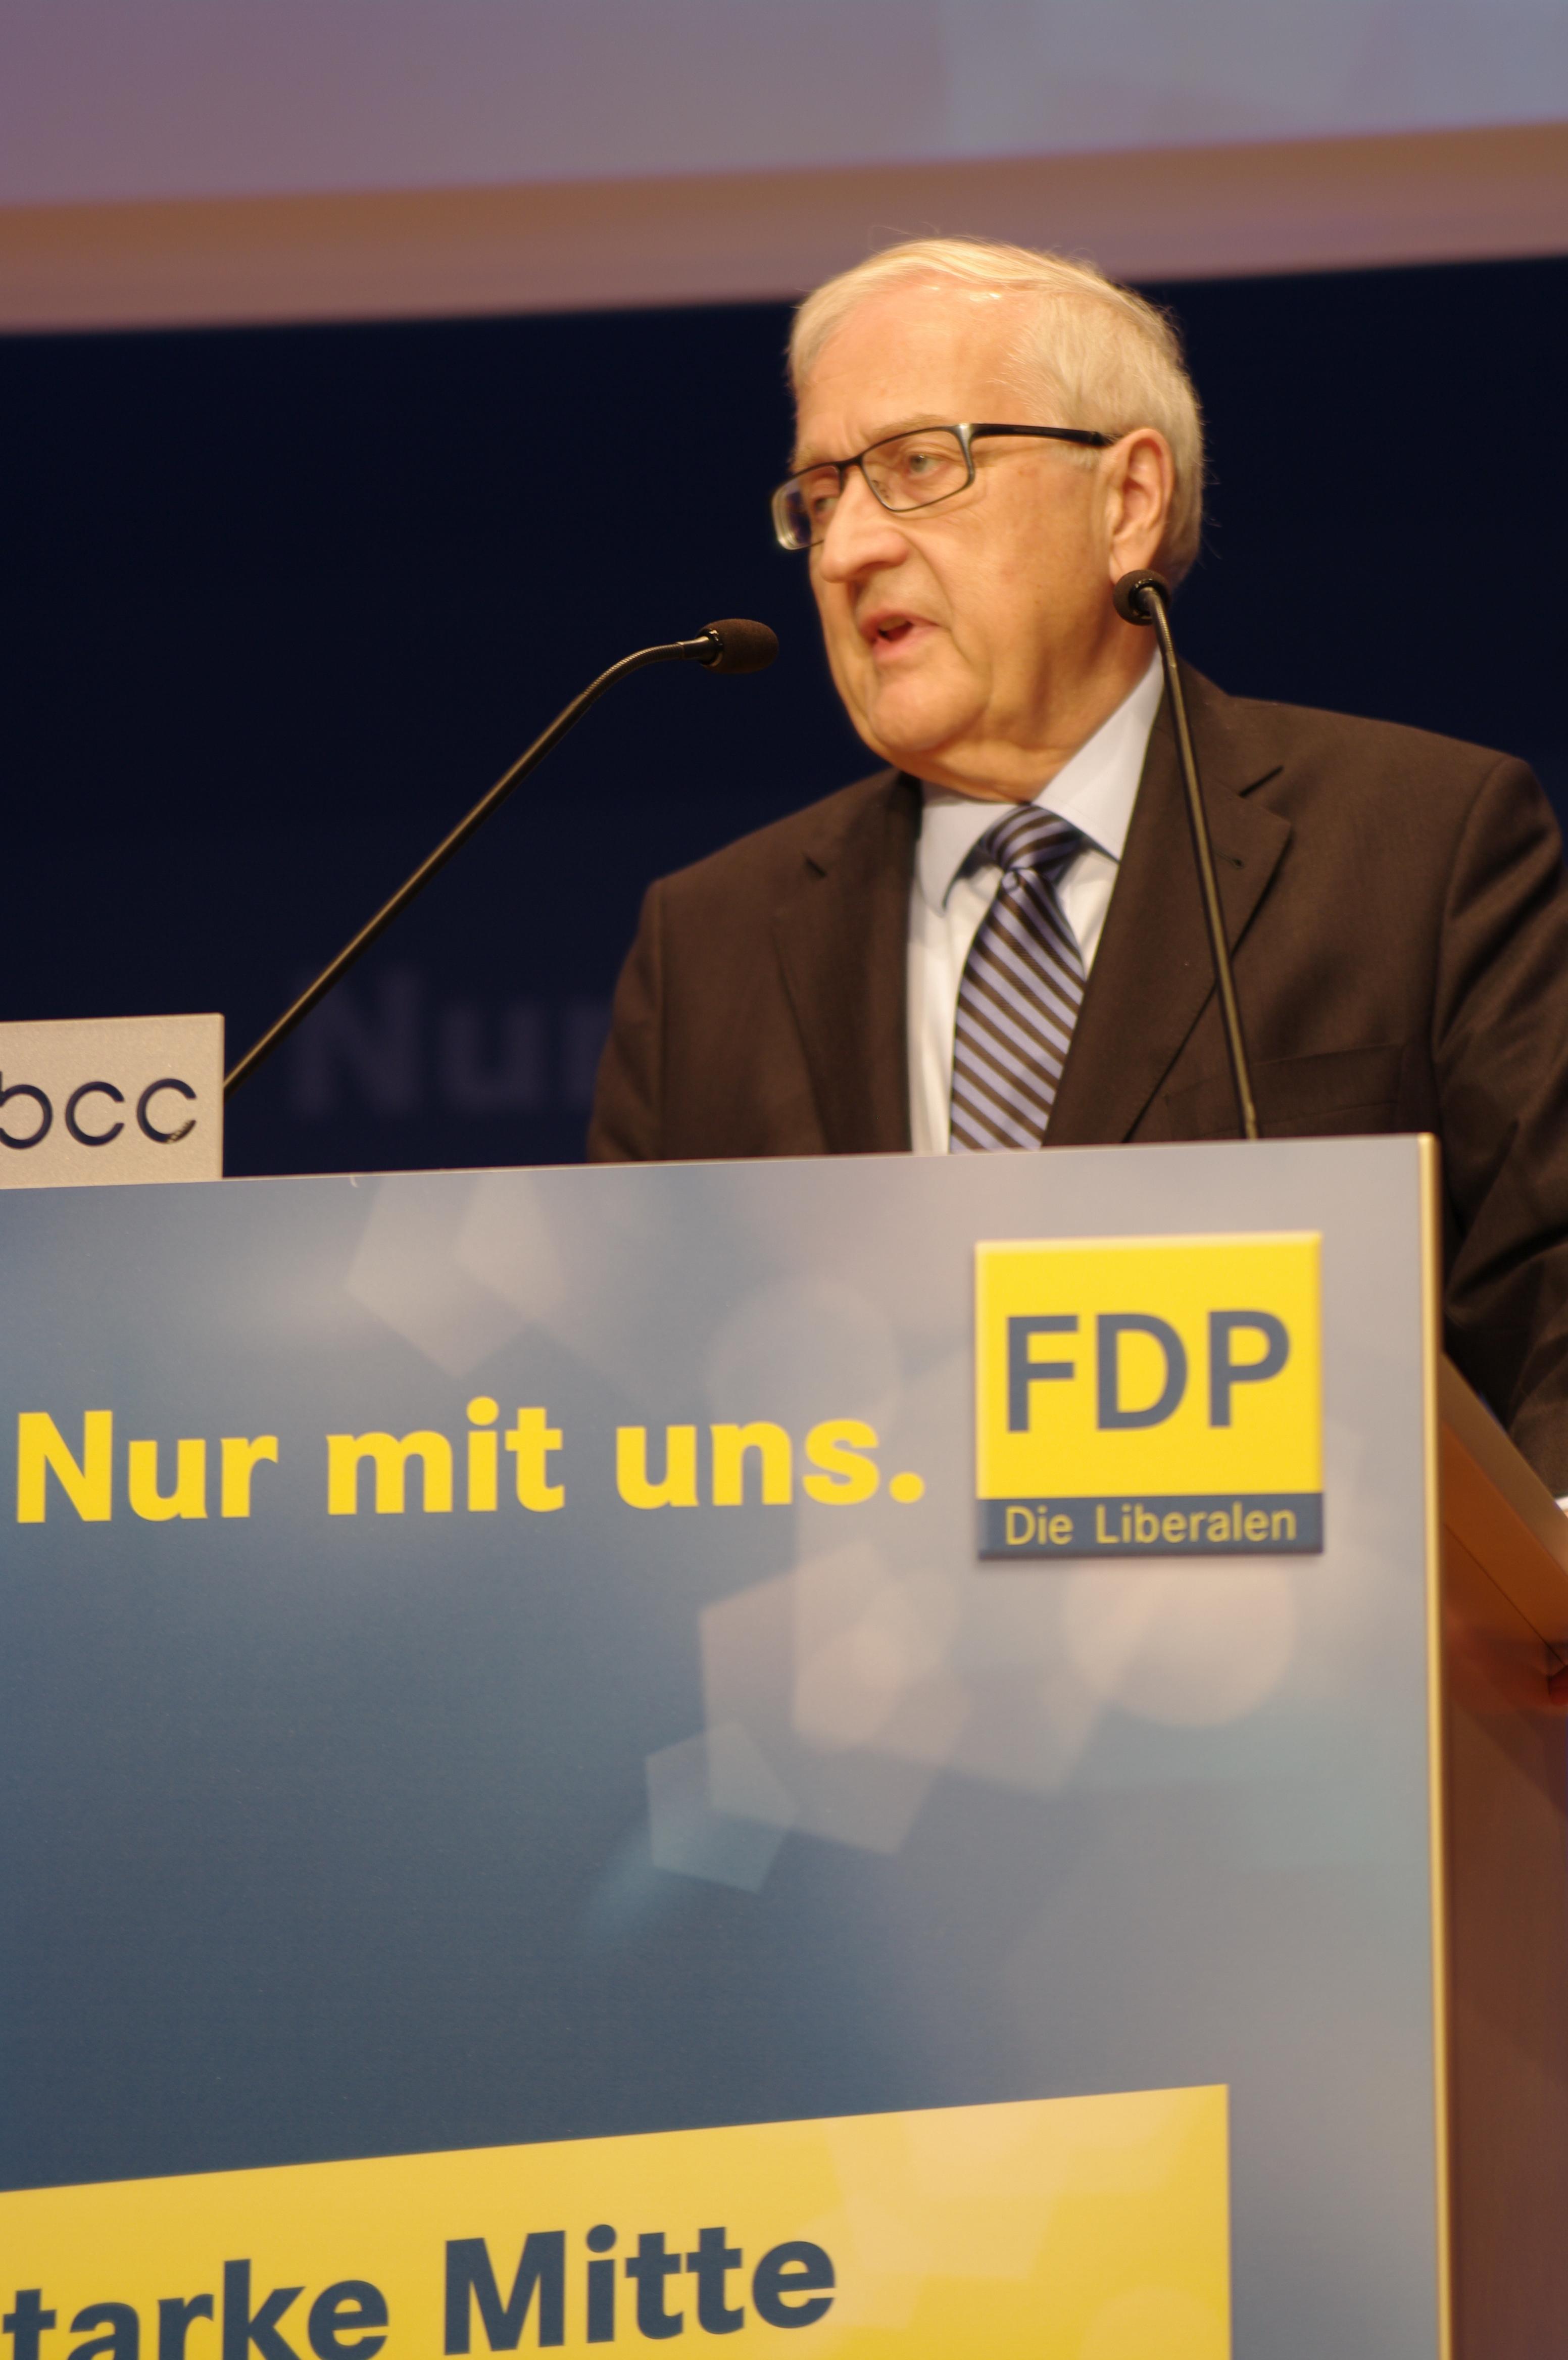 https://upload.wikimedia.org/wikipedia/commons/8/85/20130922_Bundestagswahl_2013_in_Berlin_by_Olaf_Kosinsky2660.JPG